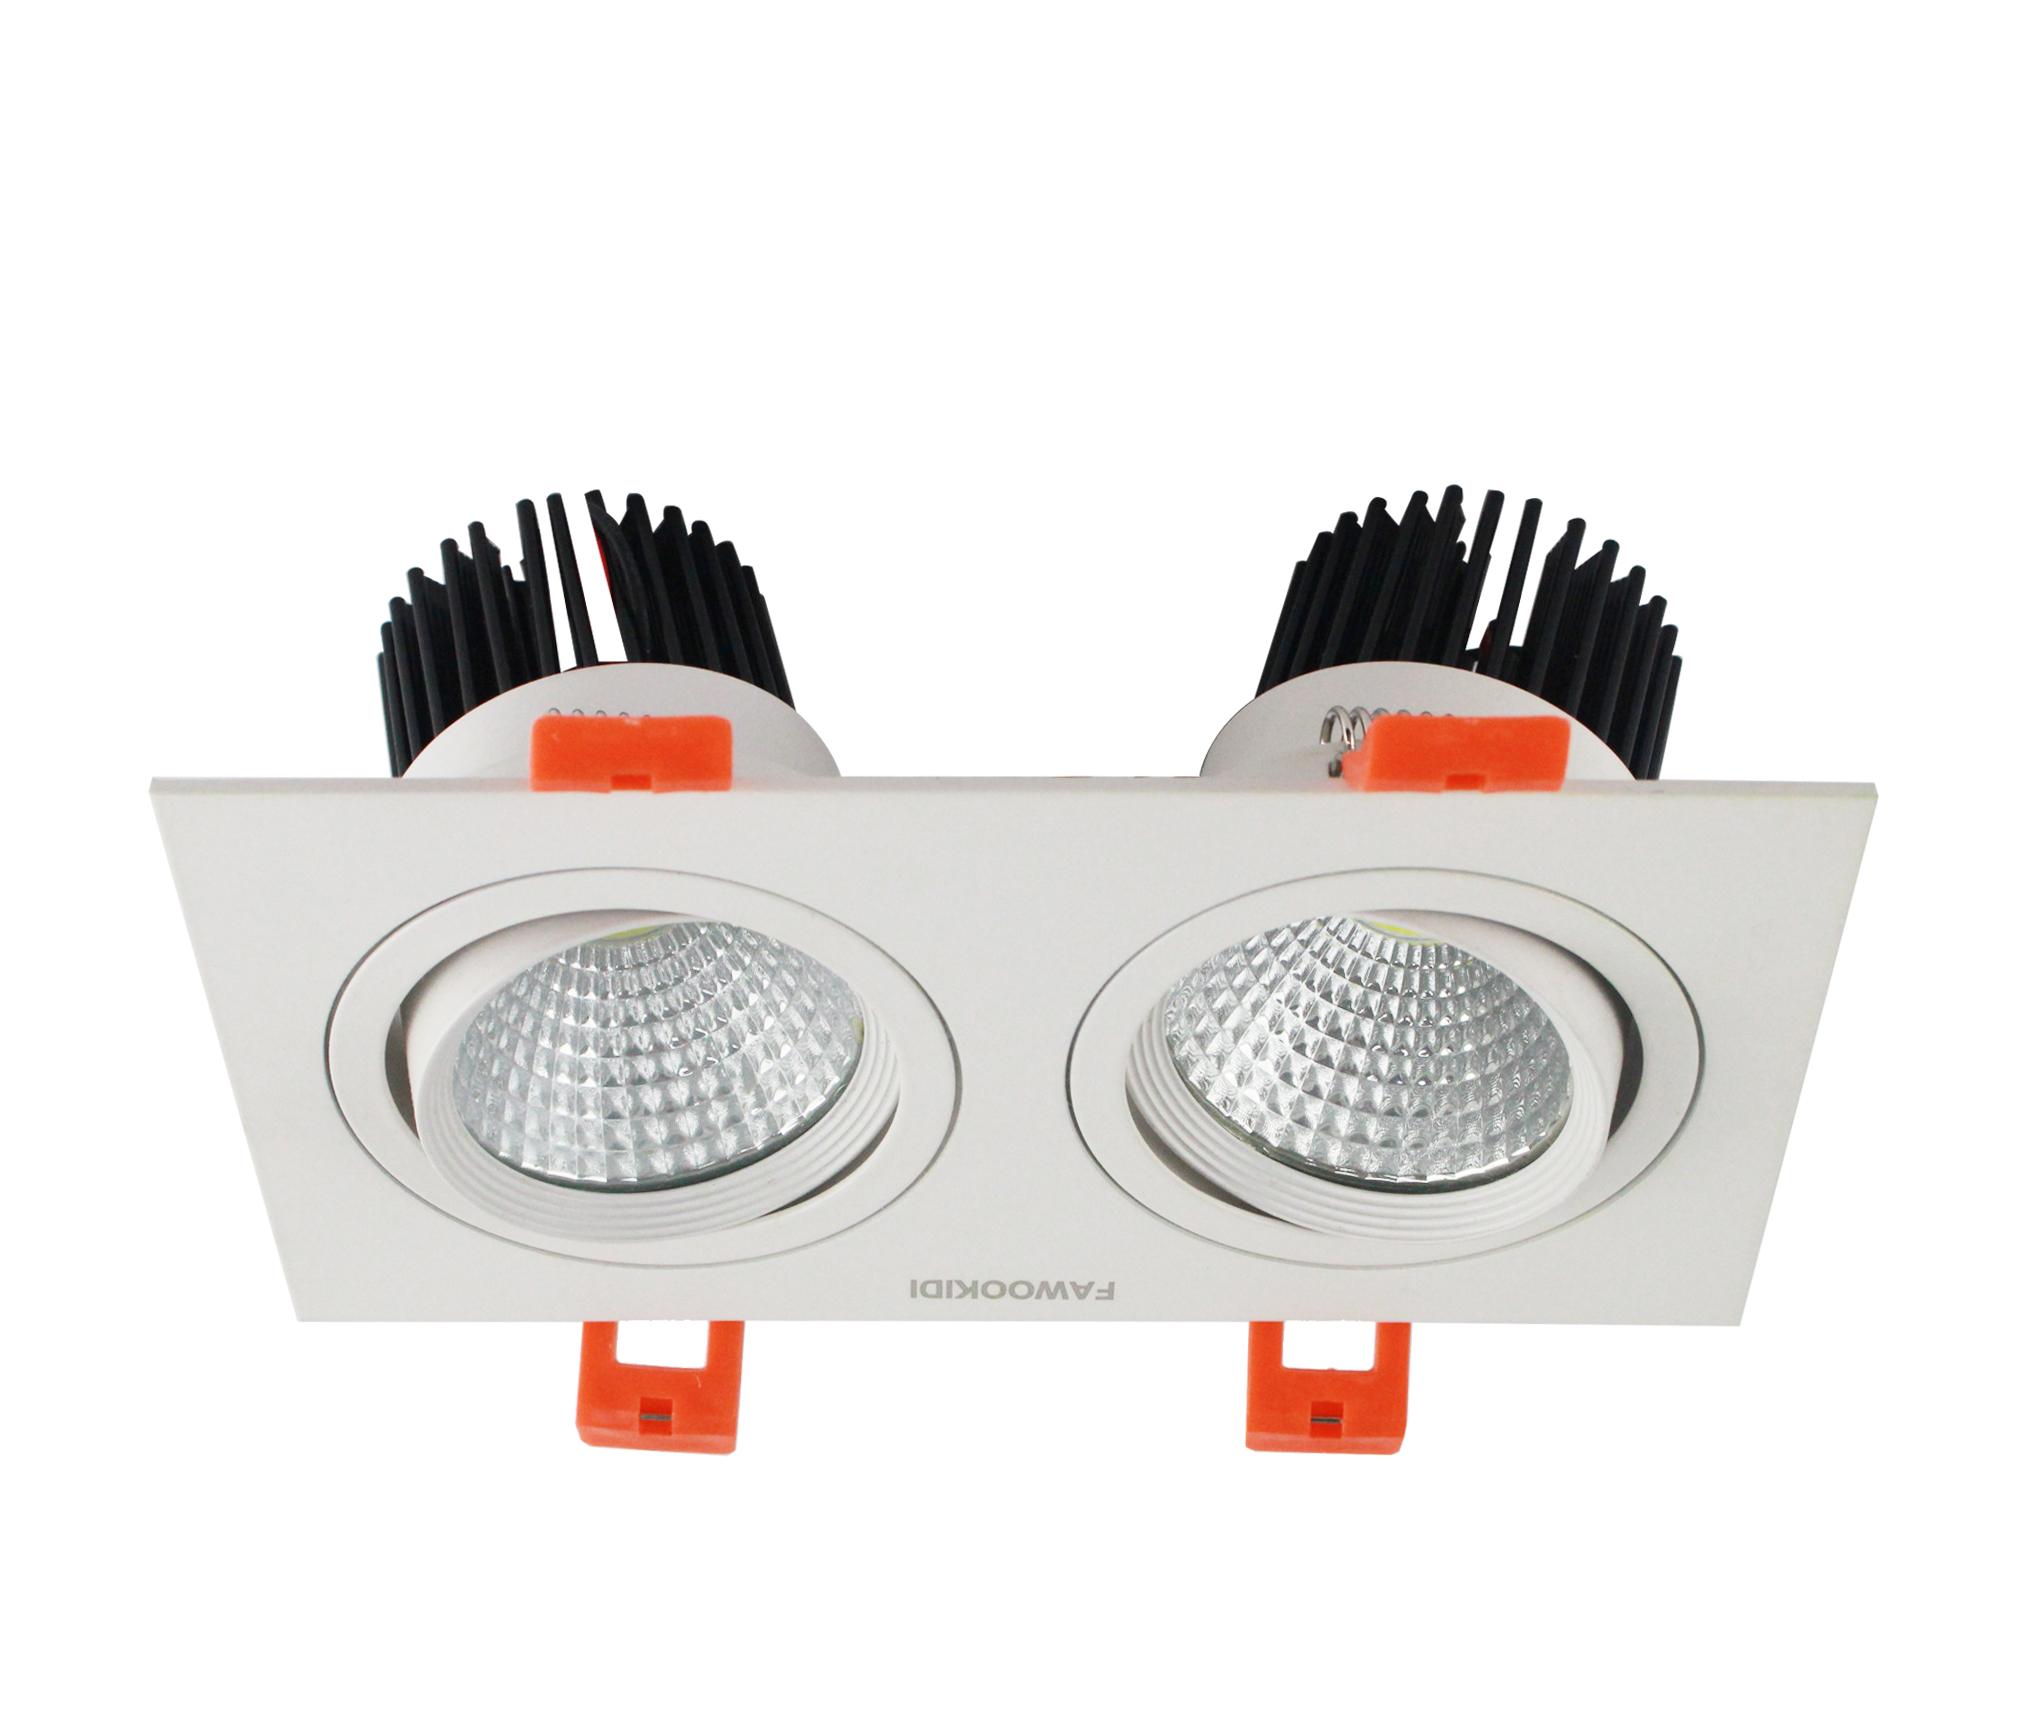 Giá mua bán Đèn LED Spotlight đôi 2*9W FK-SLD04 Fawookidi chính hãng